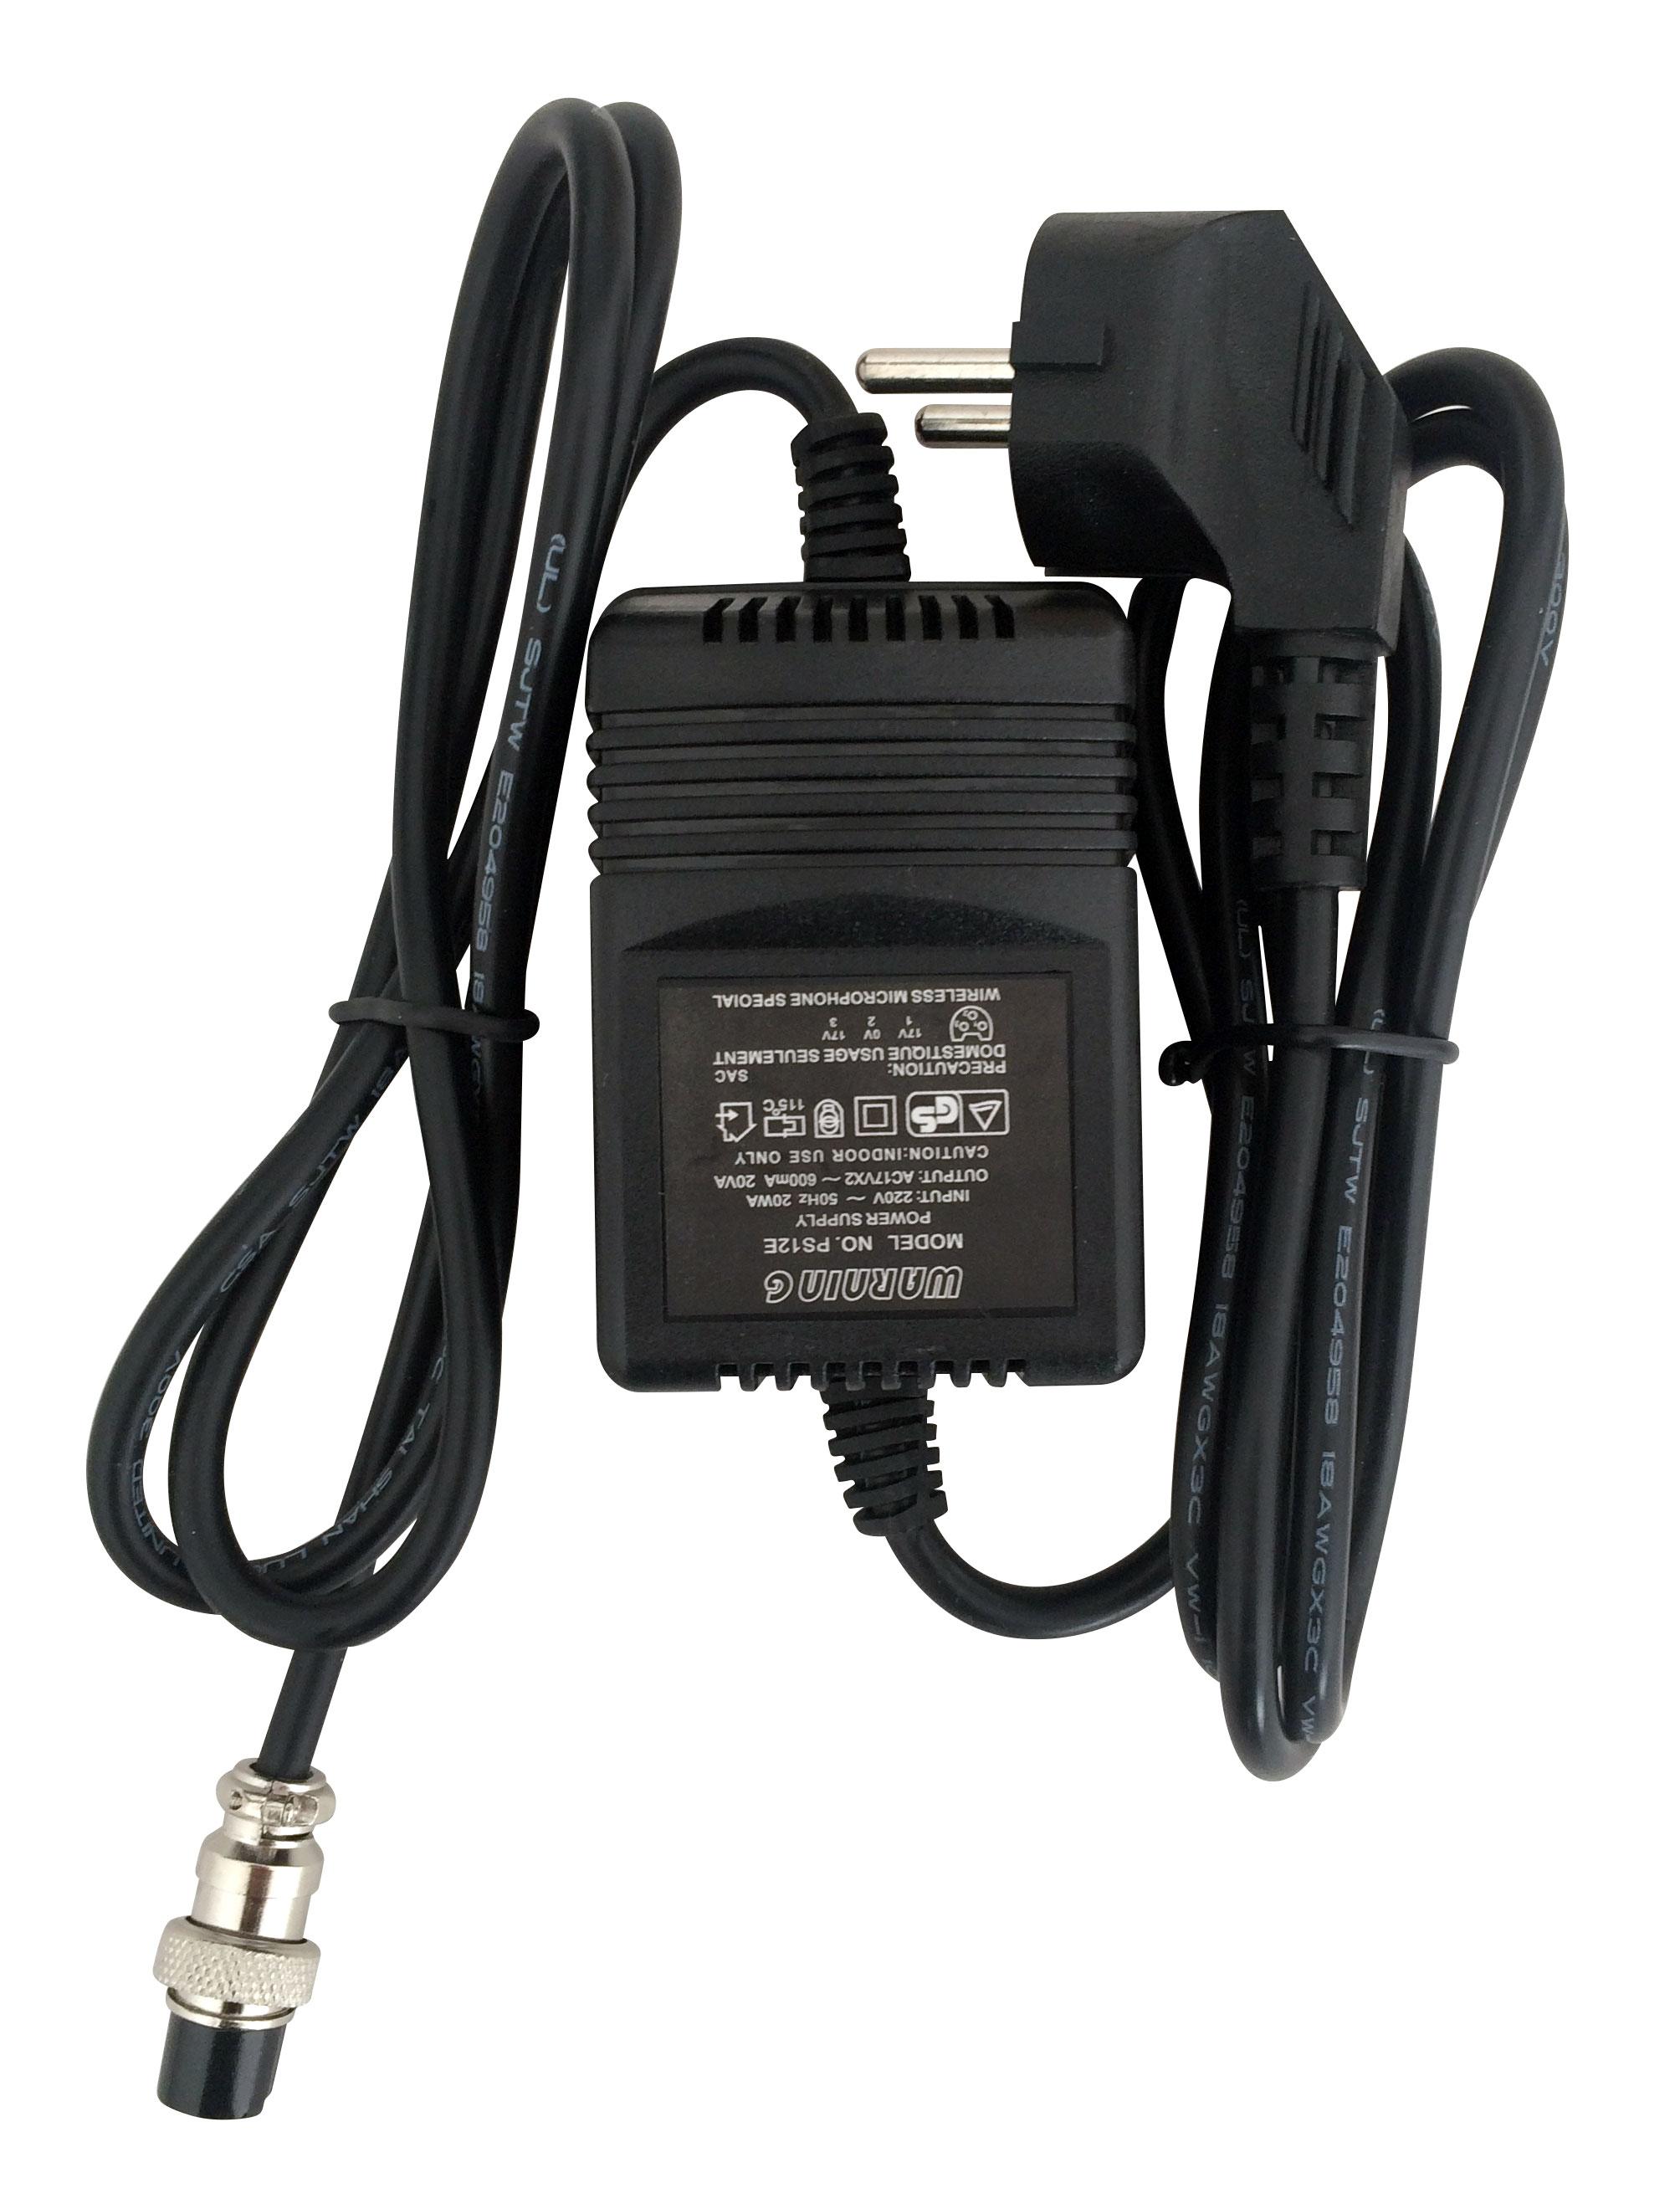 Dual power supply - 2x17VAC T627